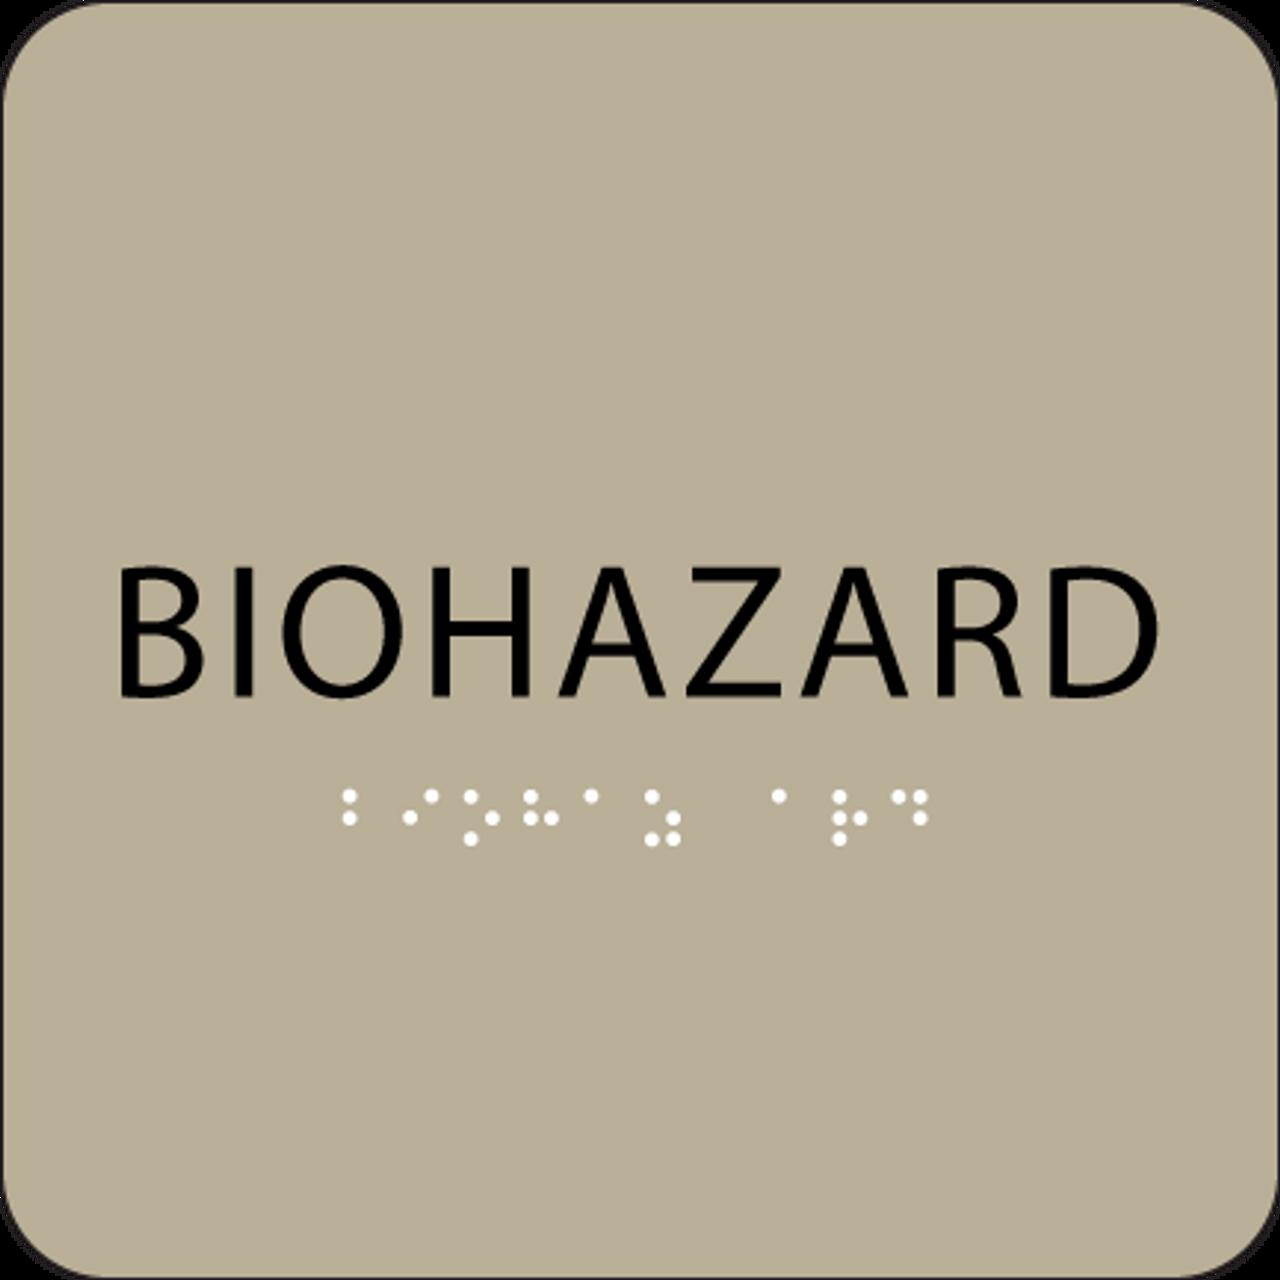 Brown Biohazard BrailleADA Sign